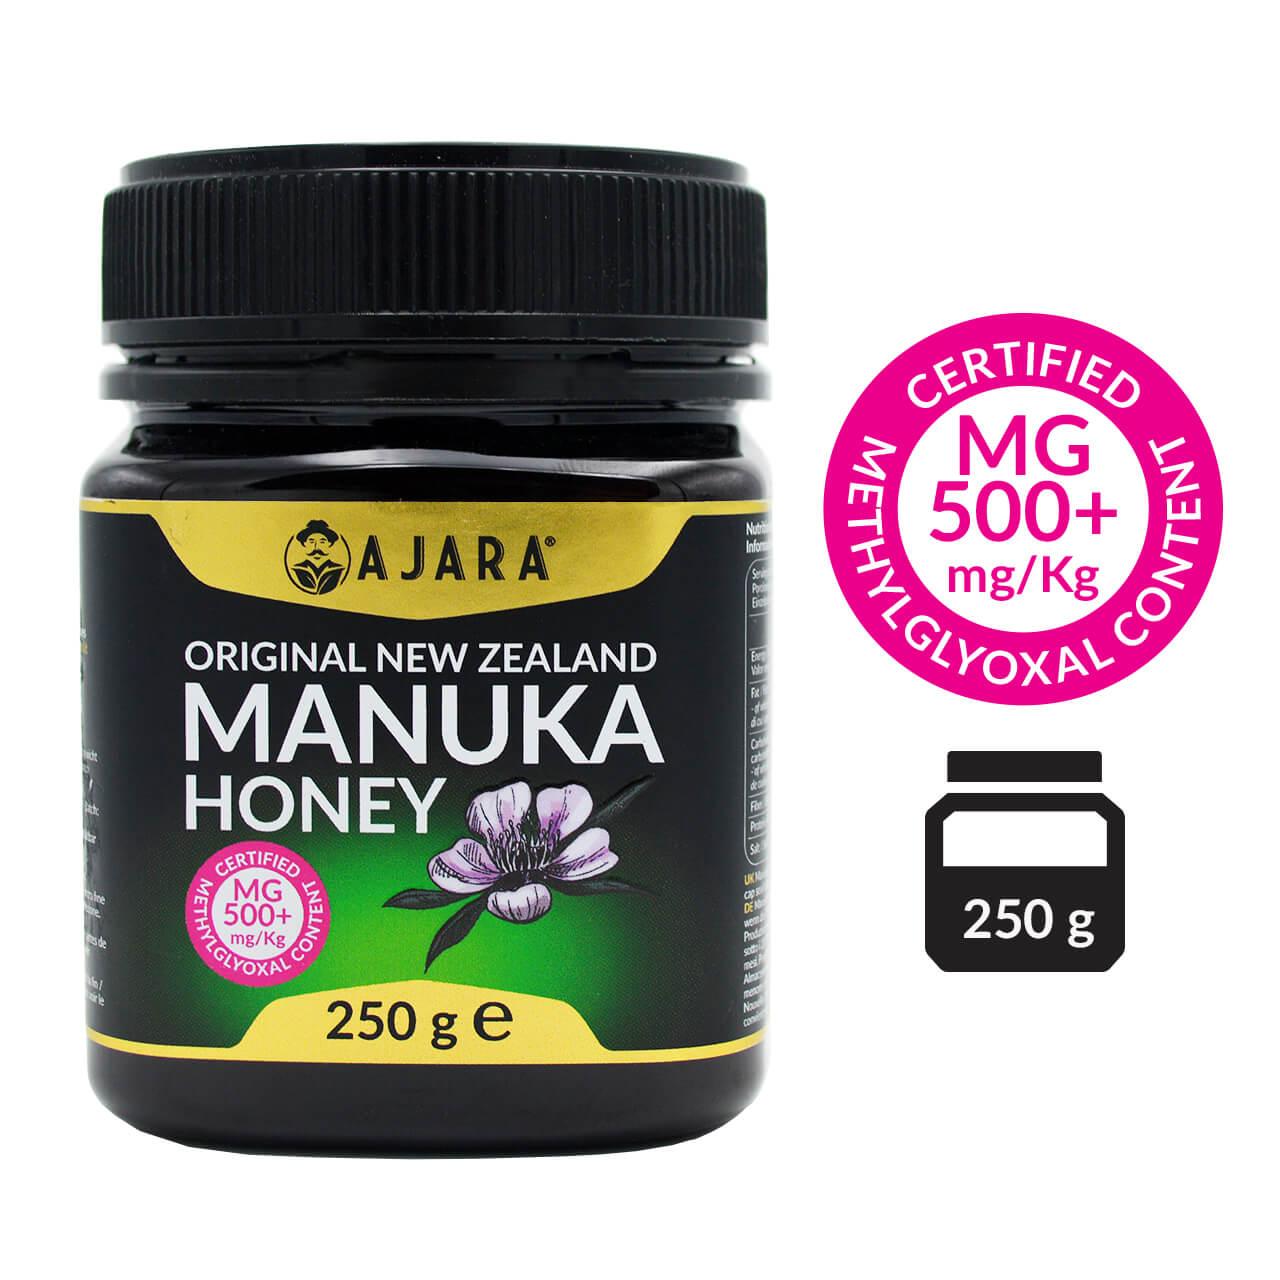 Manuka-Honig MG 500+ 250g